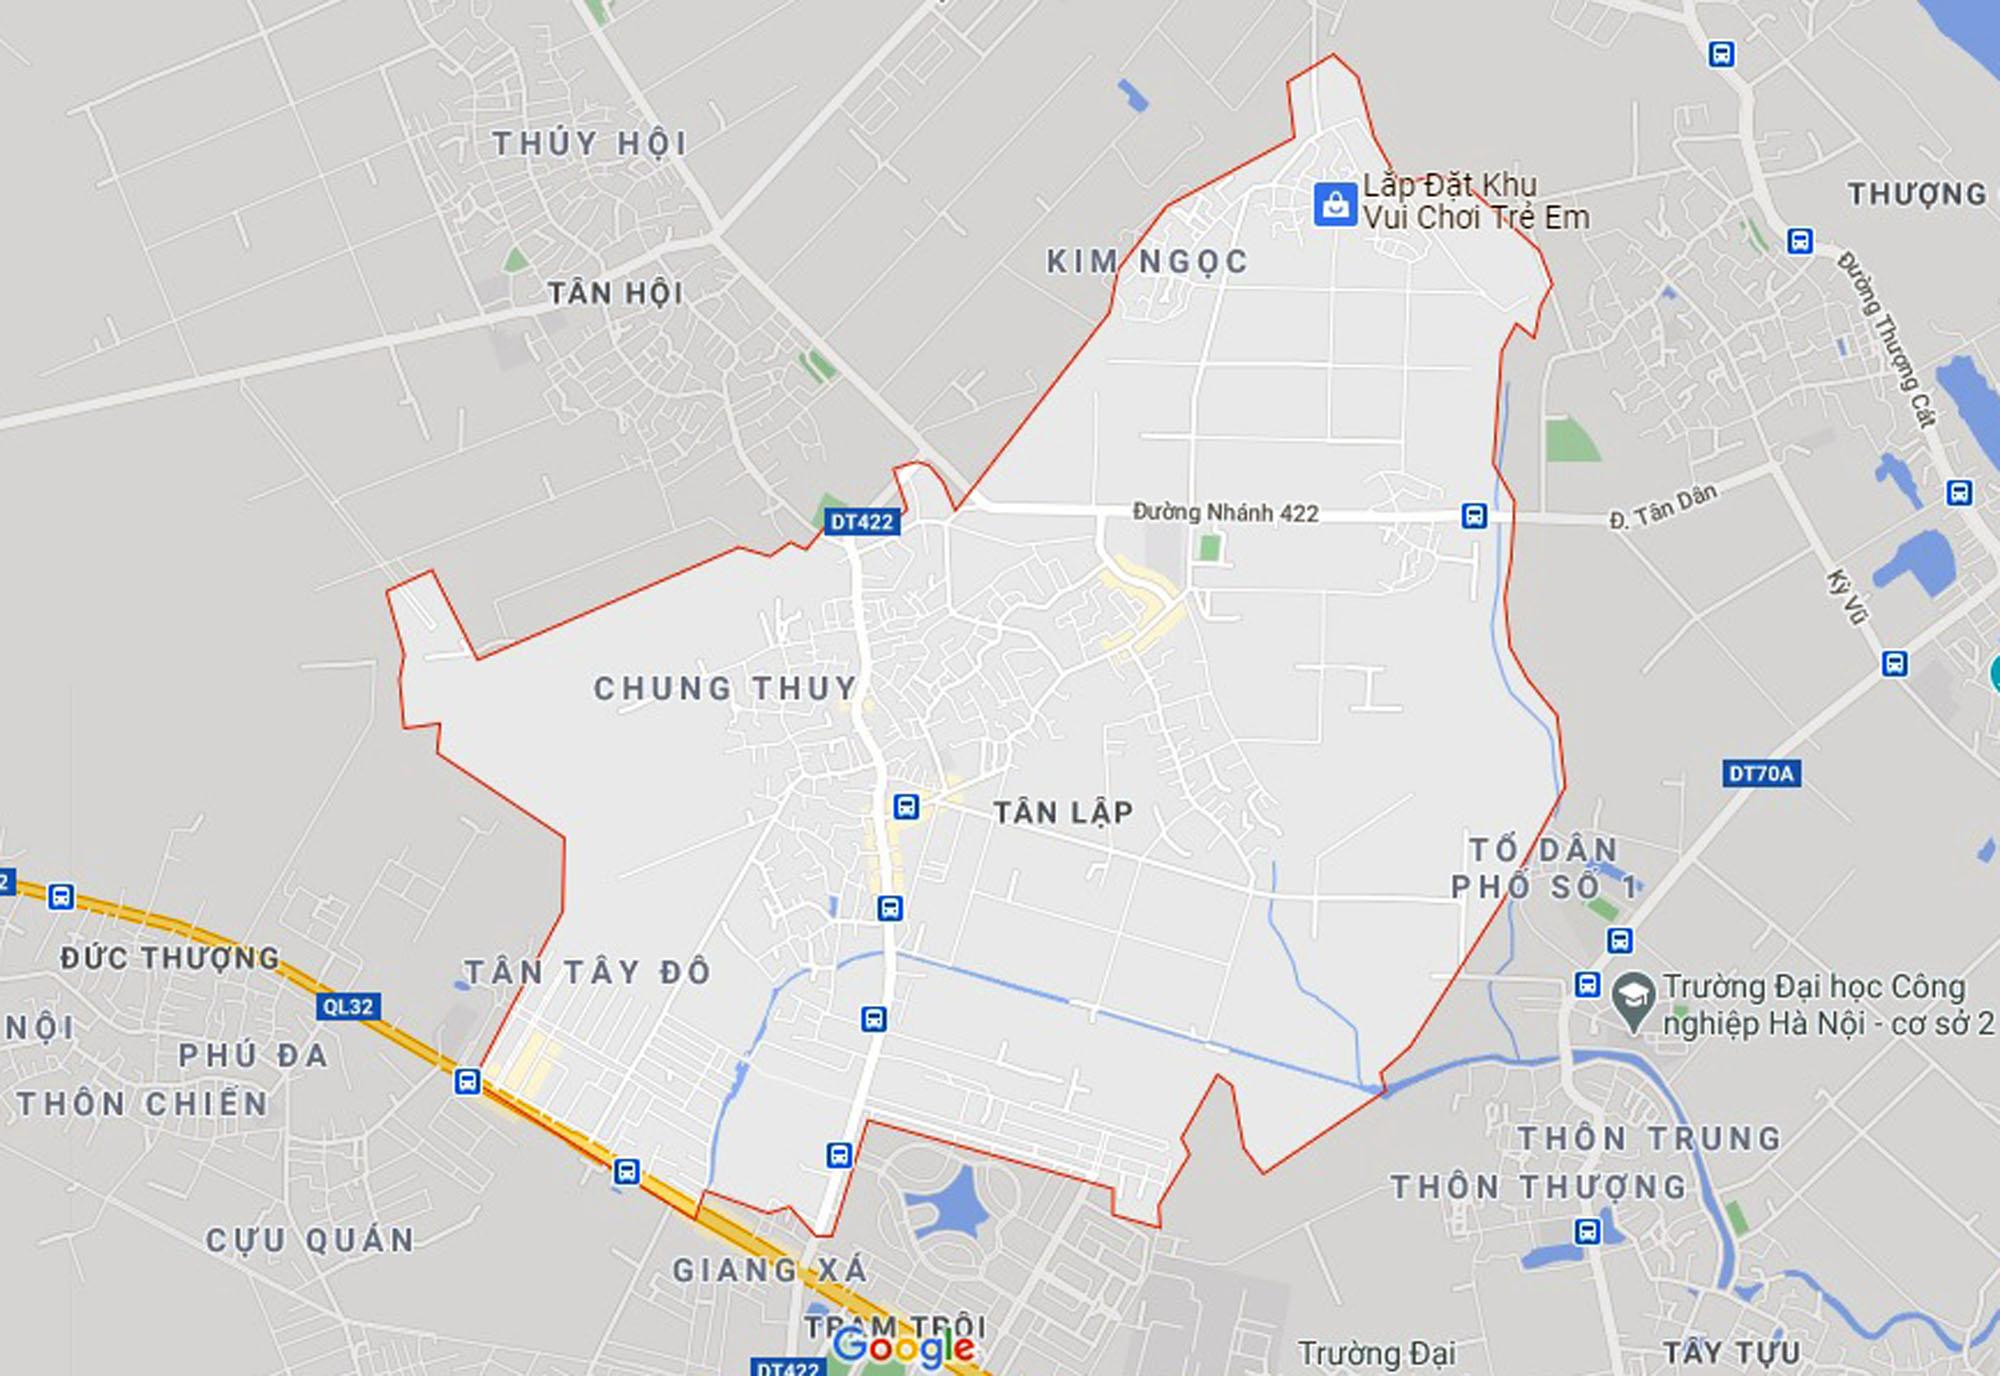 Ba đường sẽ mở theo qui hoạch ở xã Tân Lập, Đan Phượng, Hà Nội - Ảnh 1.